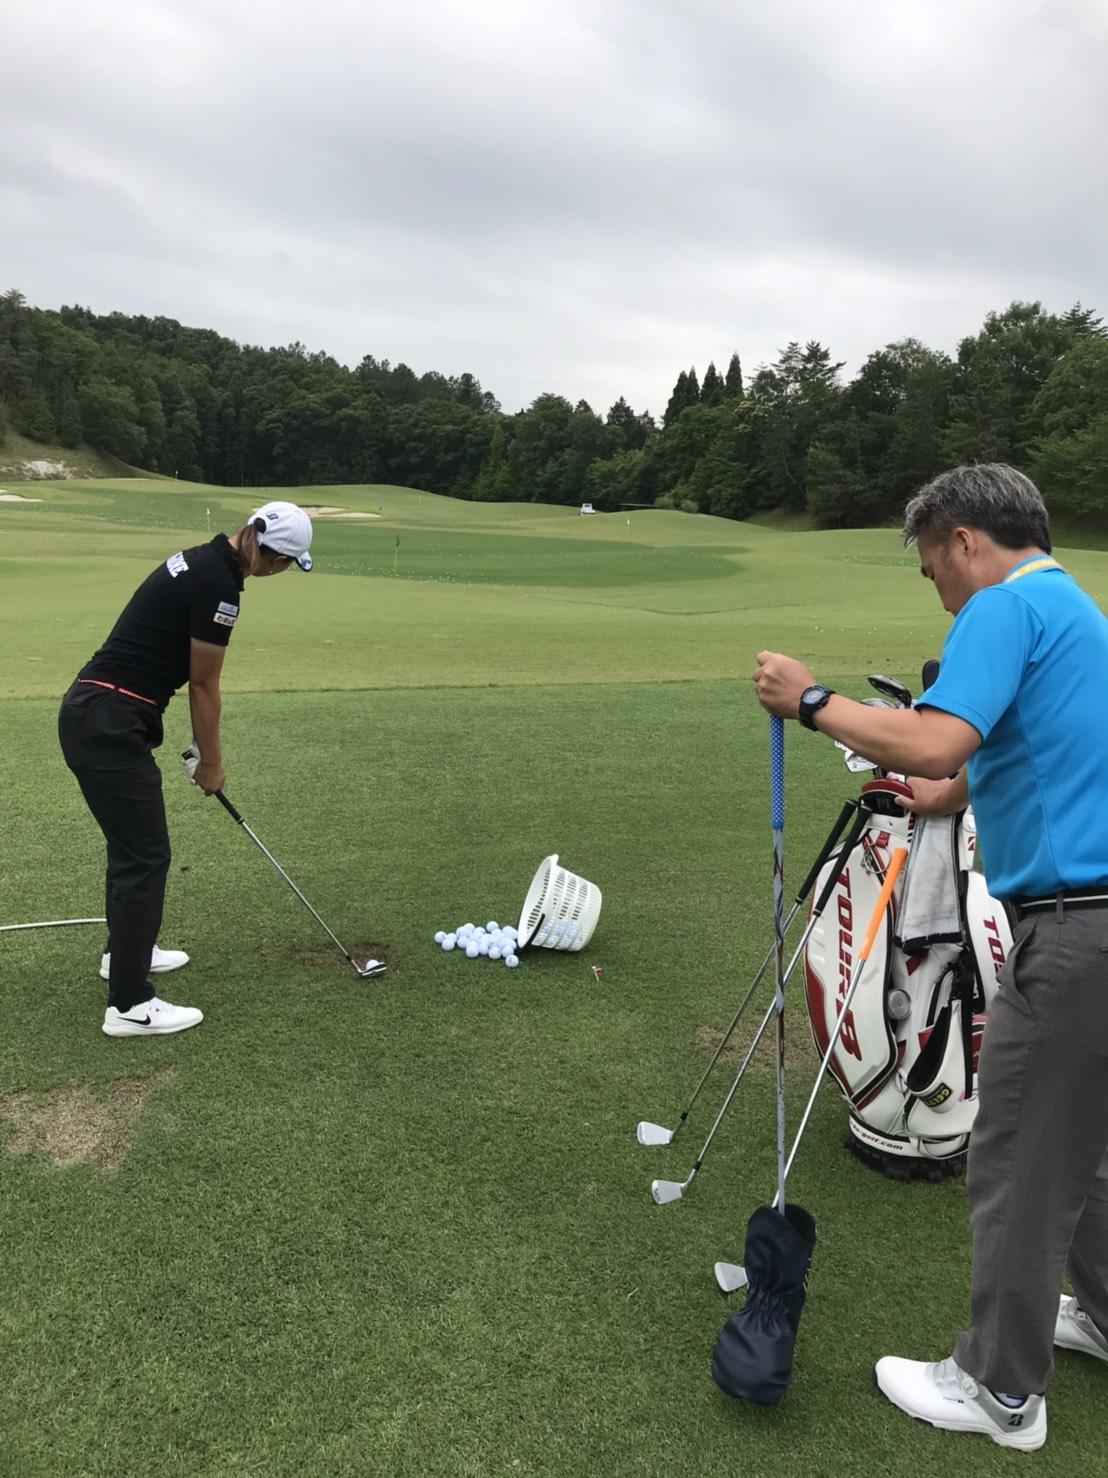 https://www.bs-golf.com/pro/9cb862e18f42a7d9a292c683edcb906554aab8d0.JPG